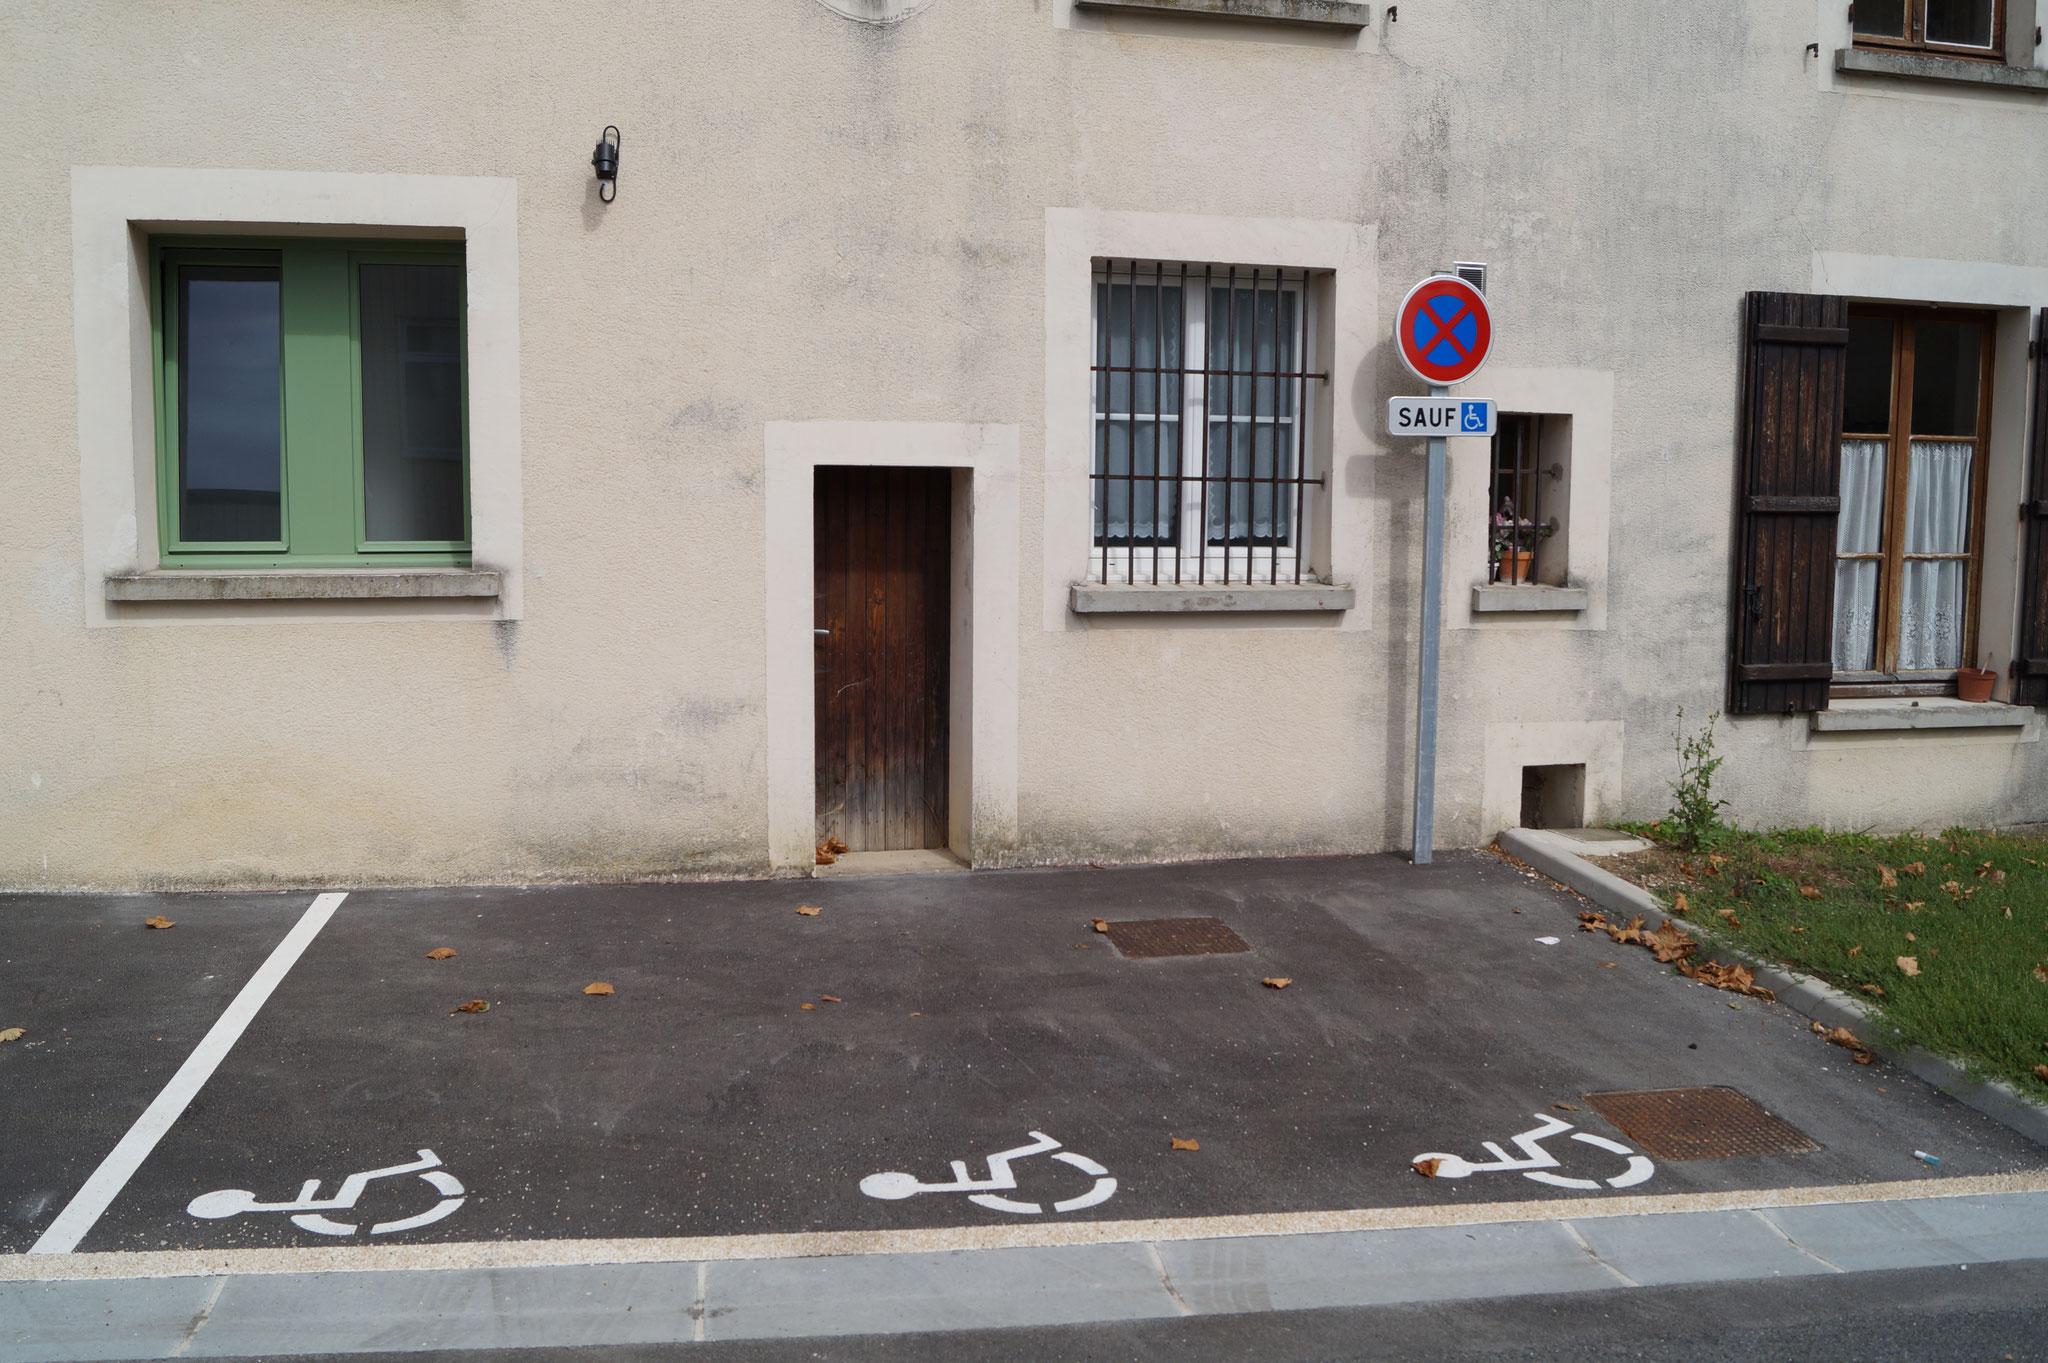 Une place de stationnement est à disposition pour les personnes à mobilité réduite.